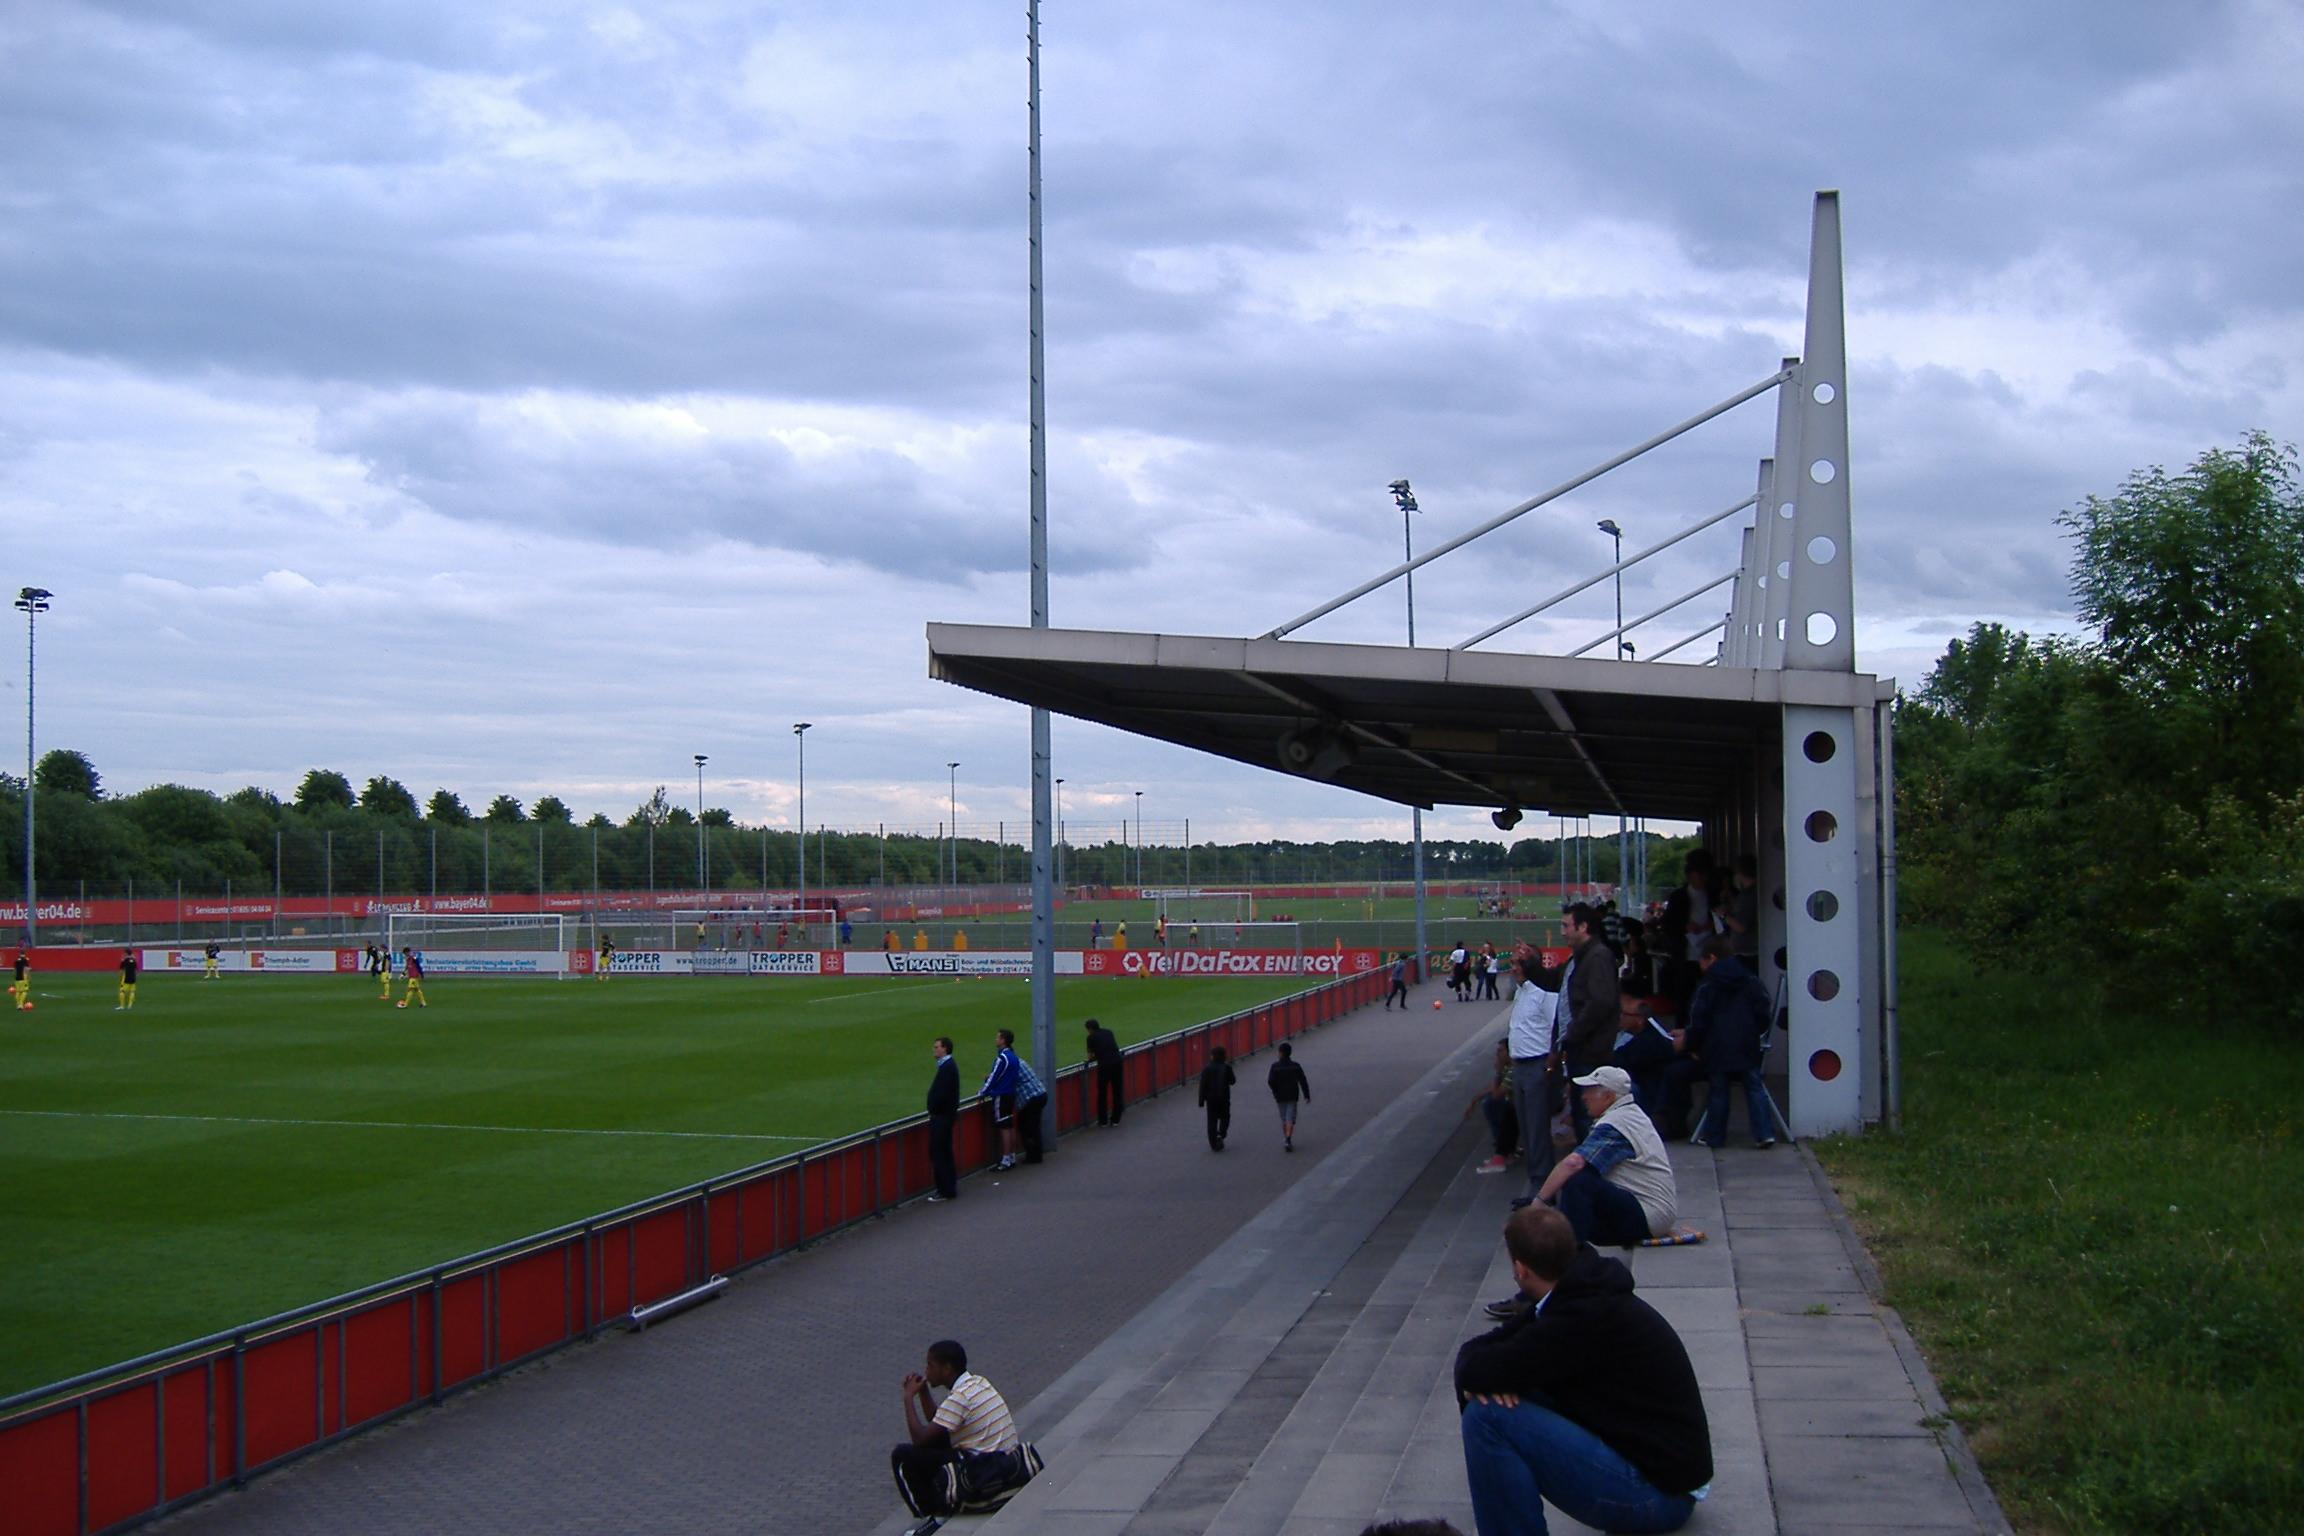 Der Platz in Leverkusen - für die Jugend